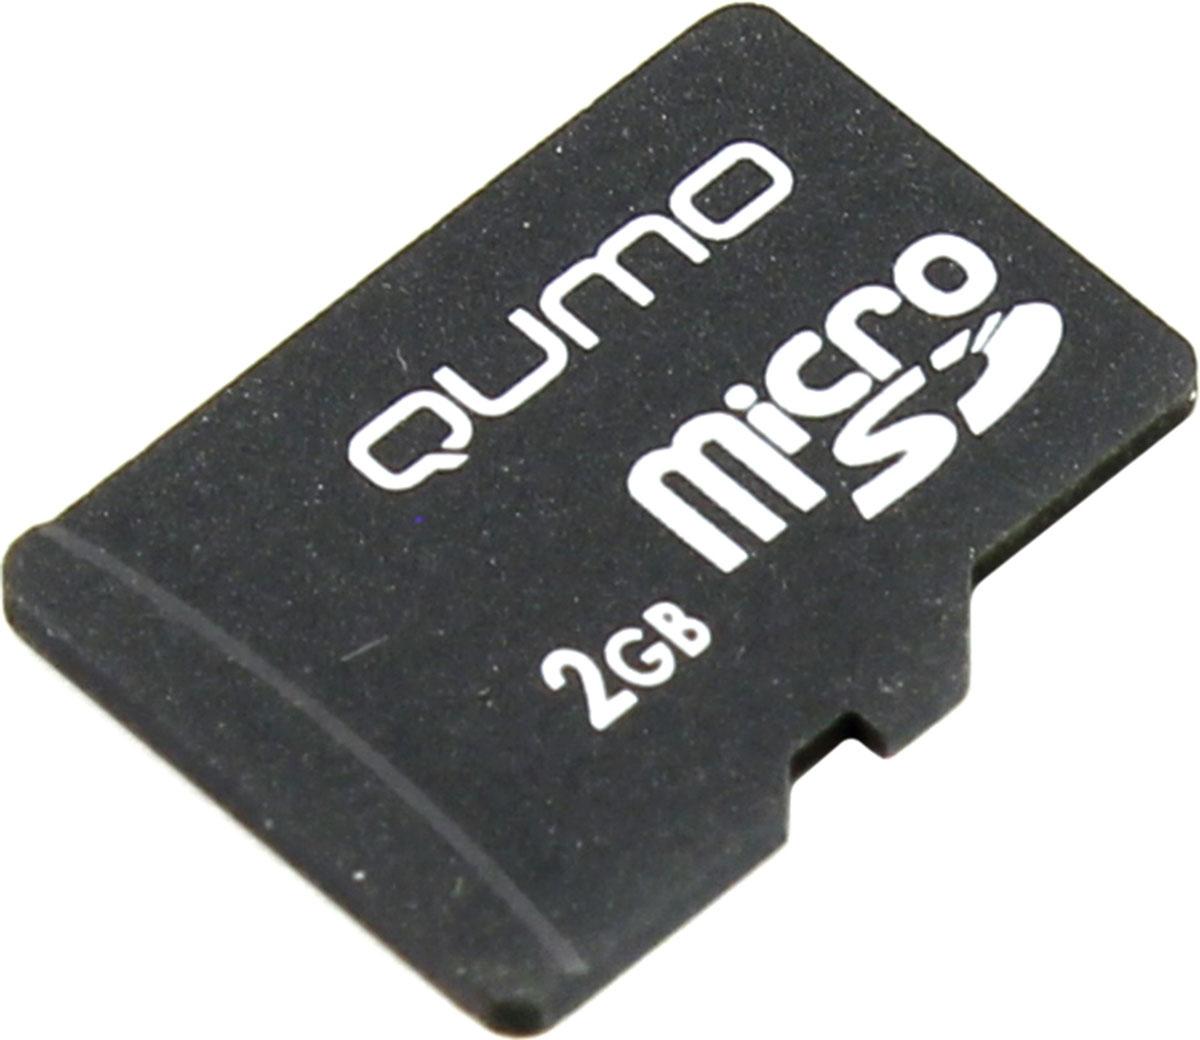 QUMO microSD 2GB карта памятиQM2GMICSDNAУниверсальная карта QUMO microSD расширяет способность памяти многофункциональных мобильных телефонов, цифровых камер, карманных компьютеров и других портативных устройств, поддерживающие данный формат карт. Идеально подходит для записи любых видов данных. Сохраните больше своих собственных коллекций музыки, видеороликов, кинофильмов, рингтонов, картинок и фотографий.